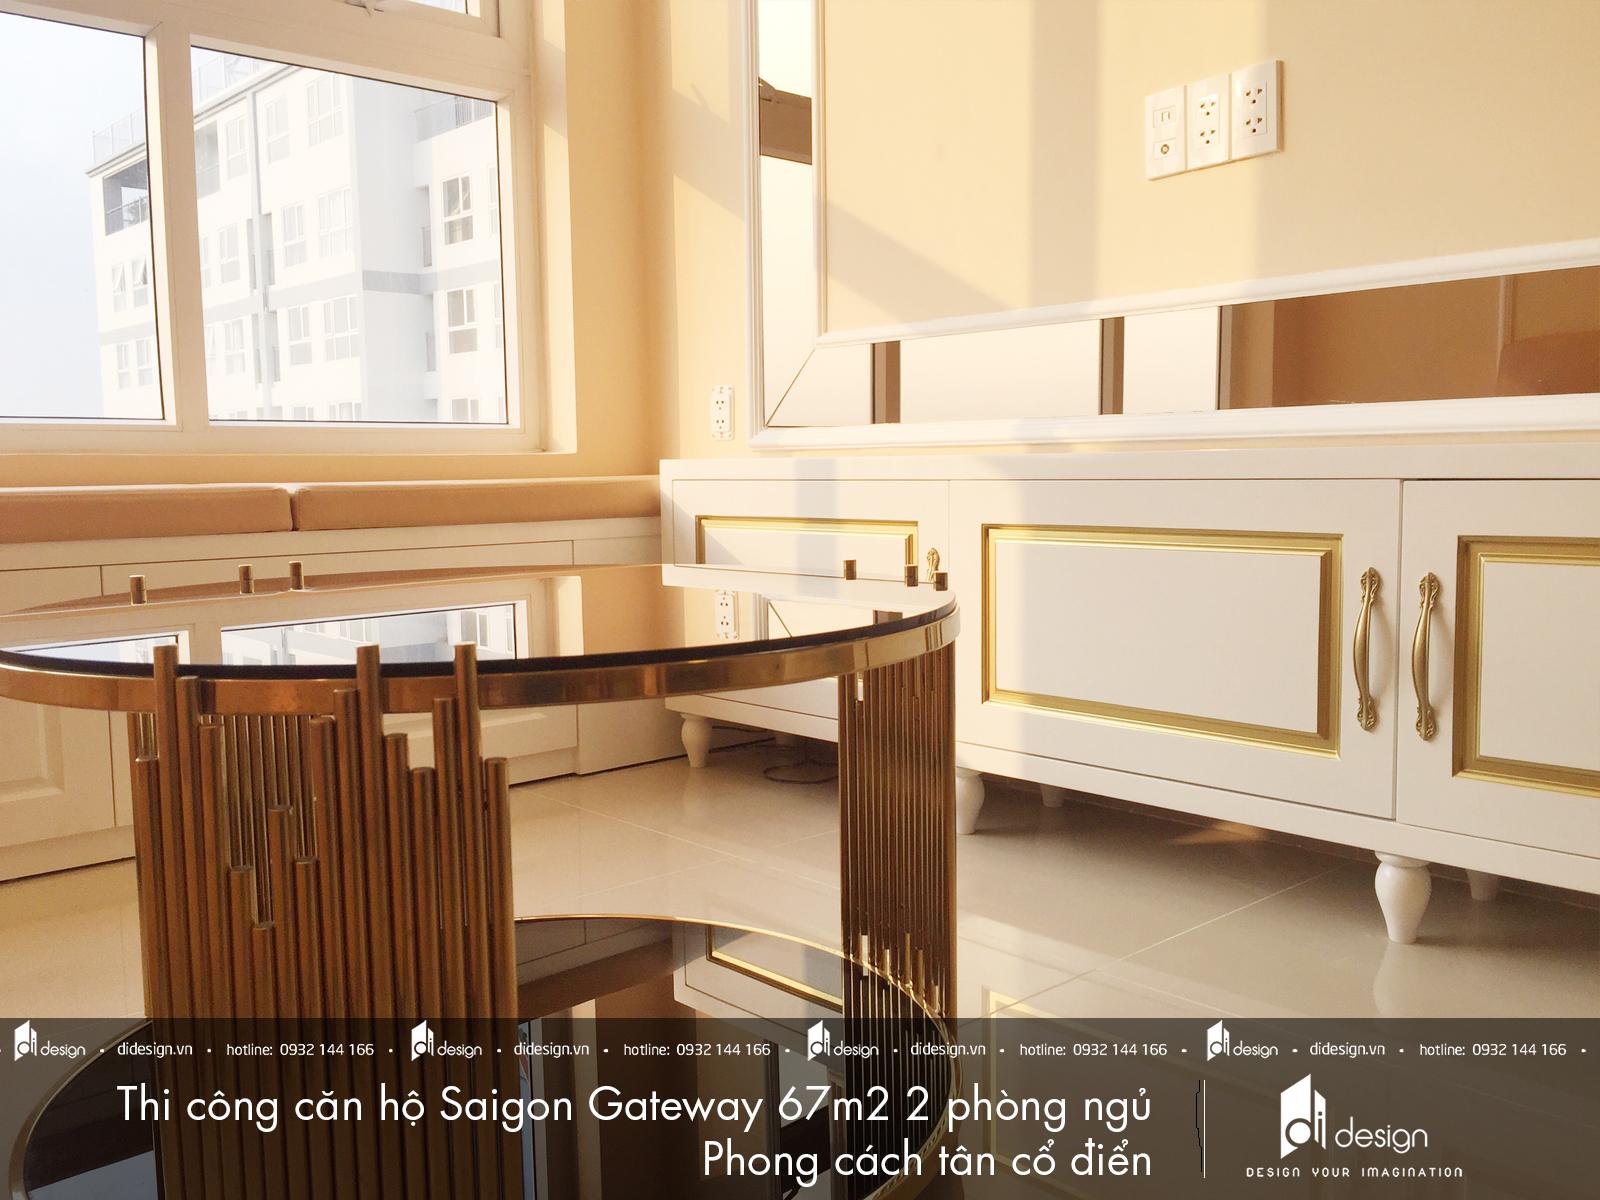 thi-cong-noi-that-can-ho-Saigon-Gateway-67m2-3-phong-khach.jpg